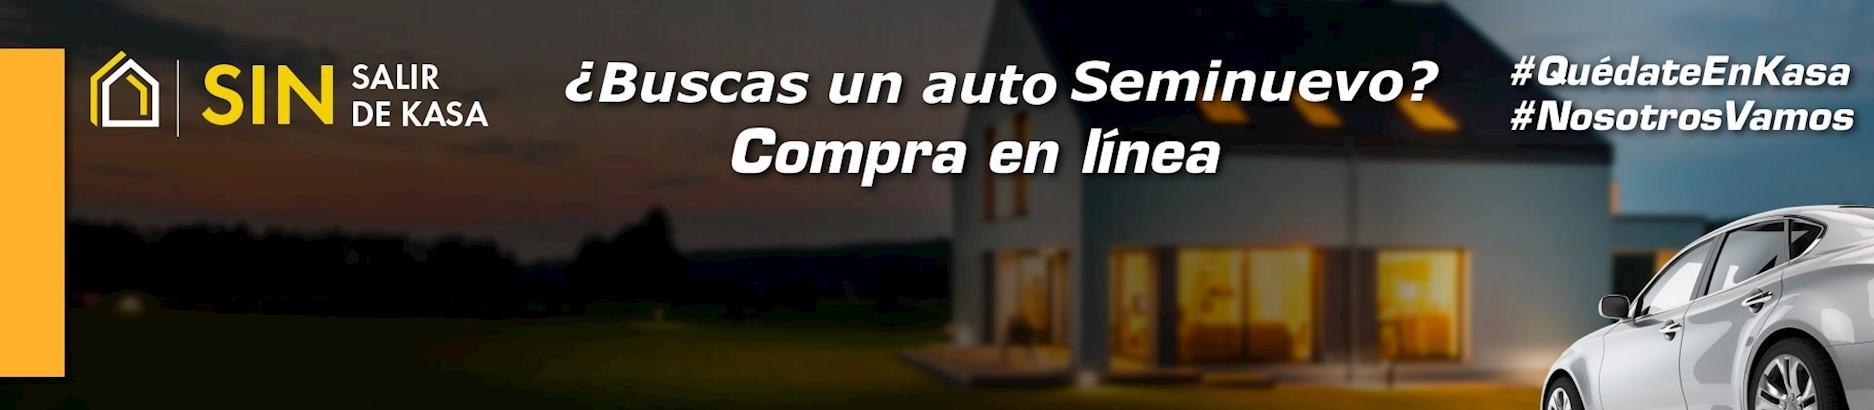 Autosat de Mexico